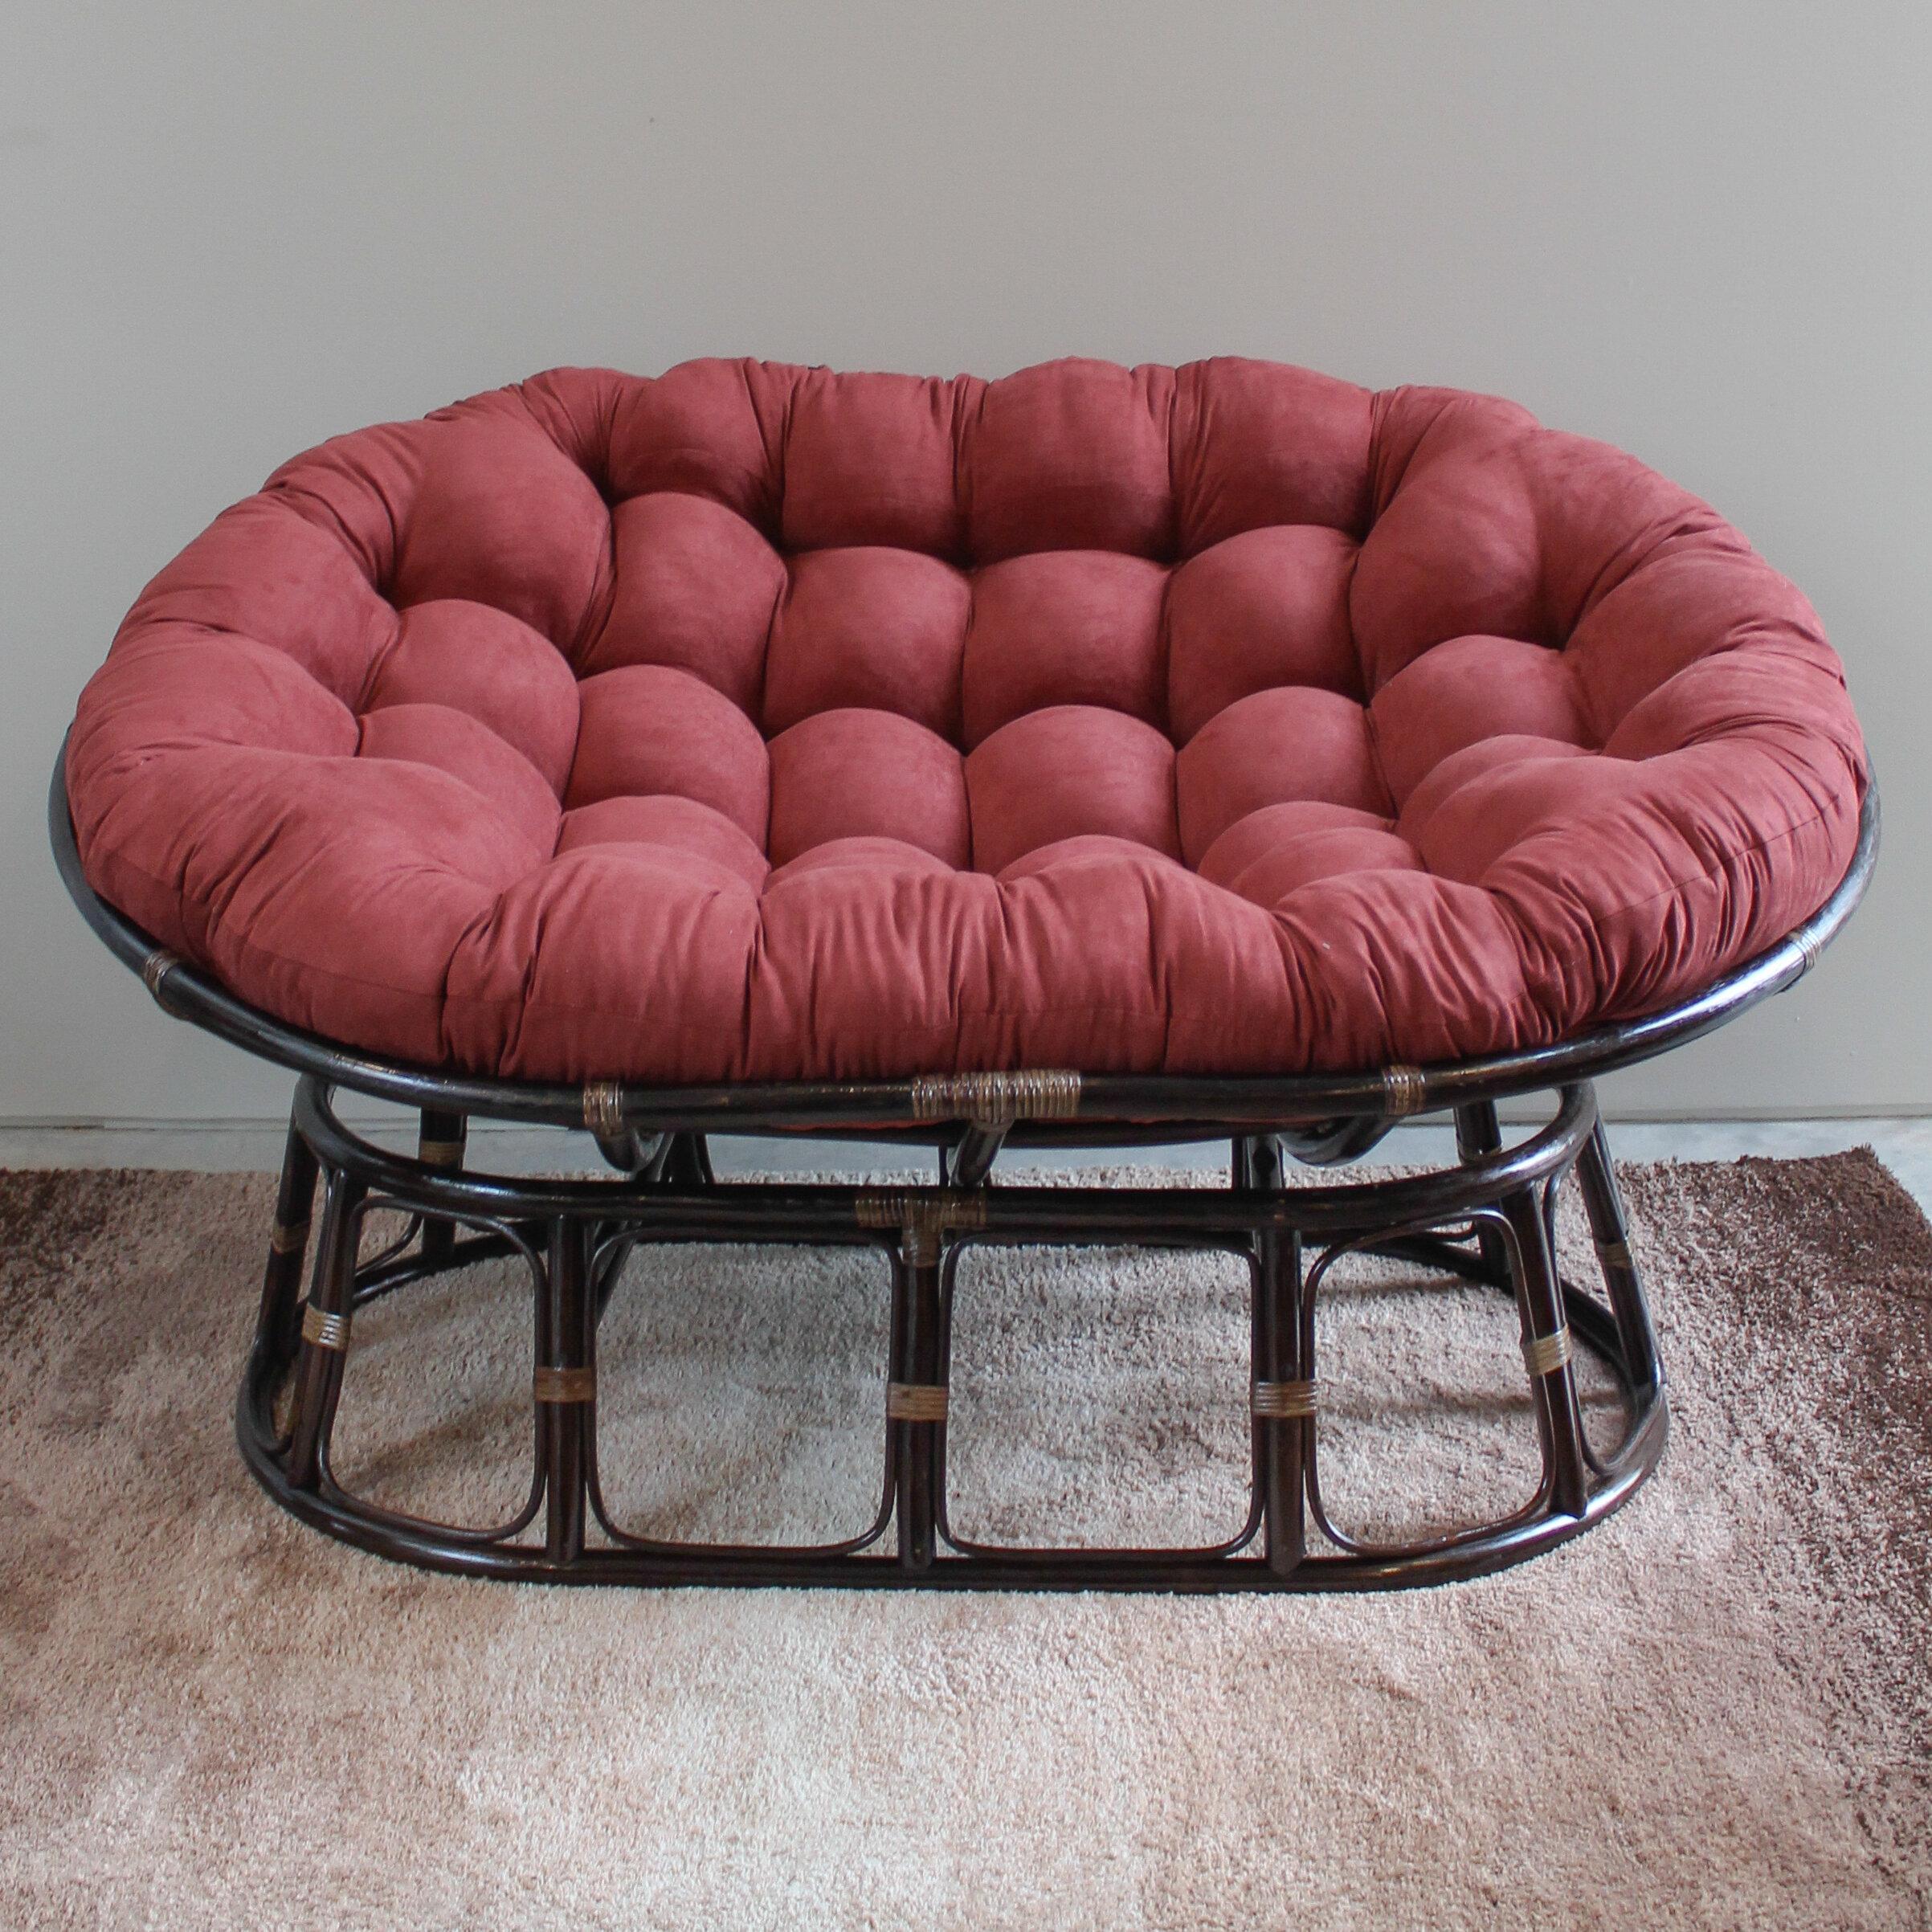 Bay Isle Home Papasan Premium Lounge Chair Cushion U0026 Reviews | Wayfair